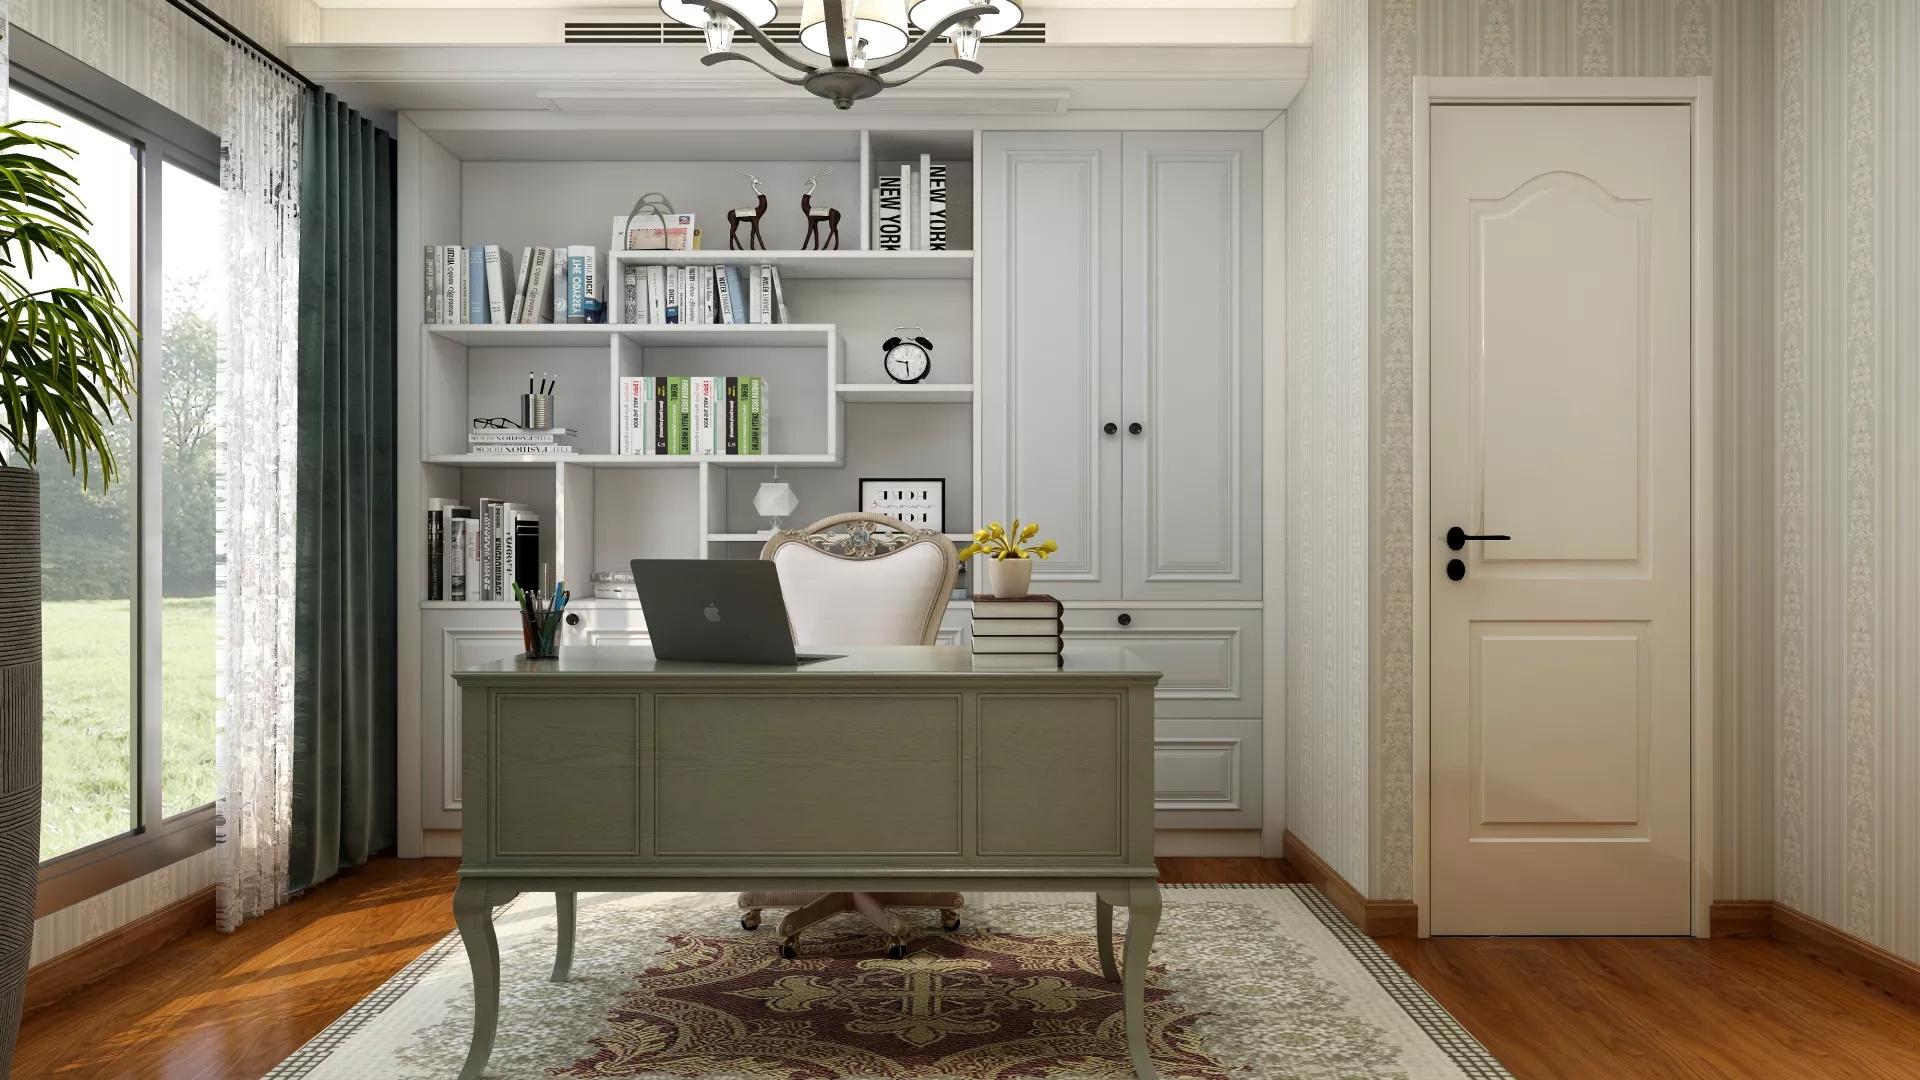 厨房,简约风格,简洁,温馨